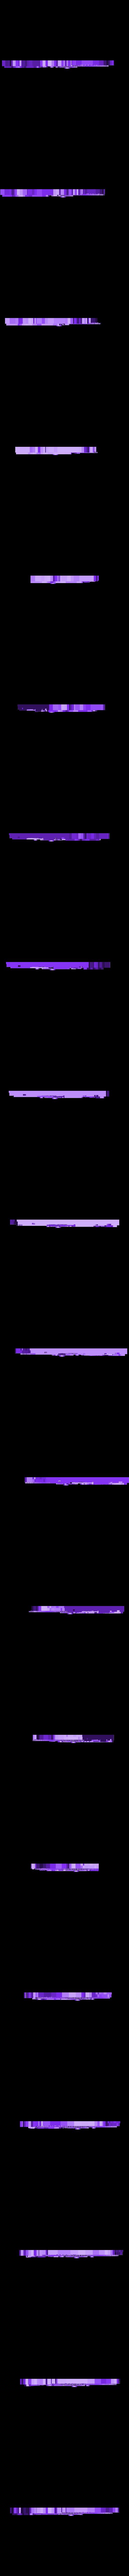 20120925D_Antikythera01.stl Télécharger fichier STL gratuit Mécanisme Antikythera • Objet pour imprimante 3D, Ghashgar